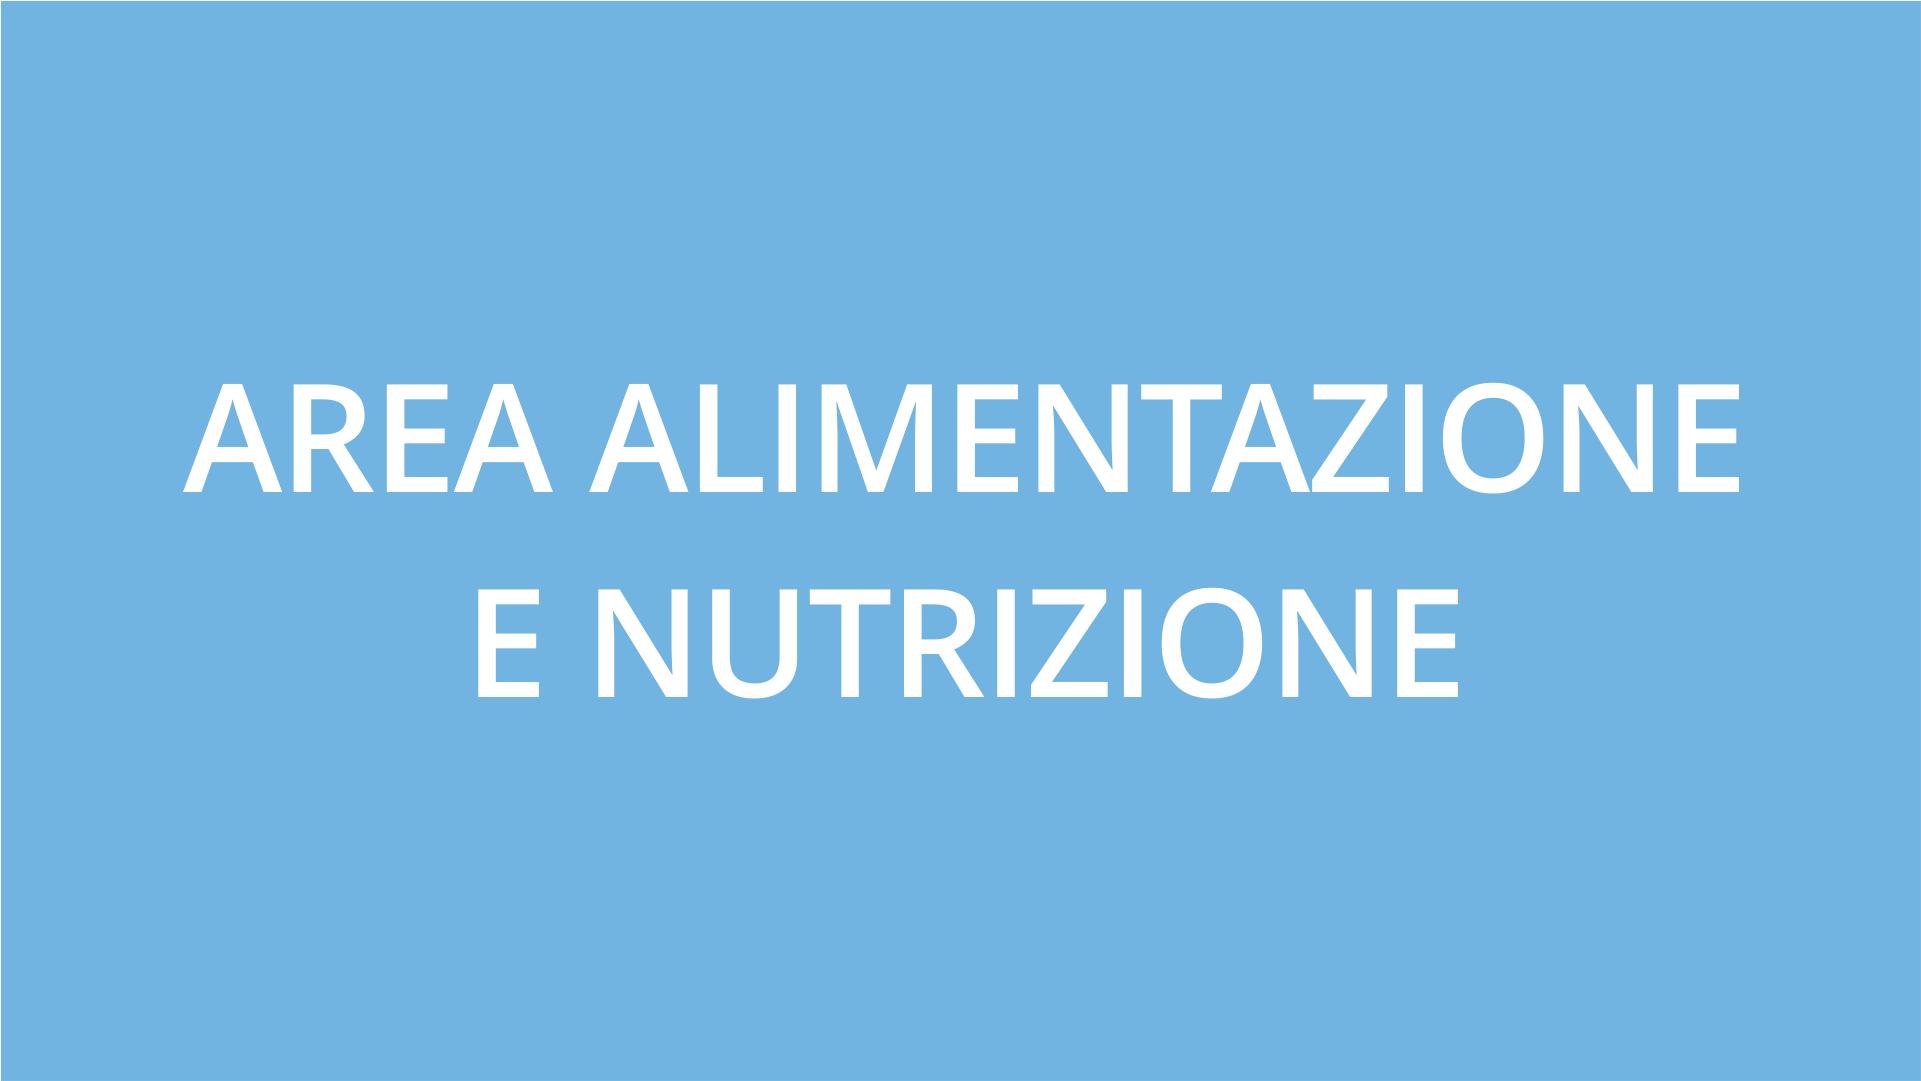 fisioterapia ughetta piacenza - area alimentazione e nutrizione